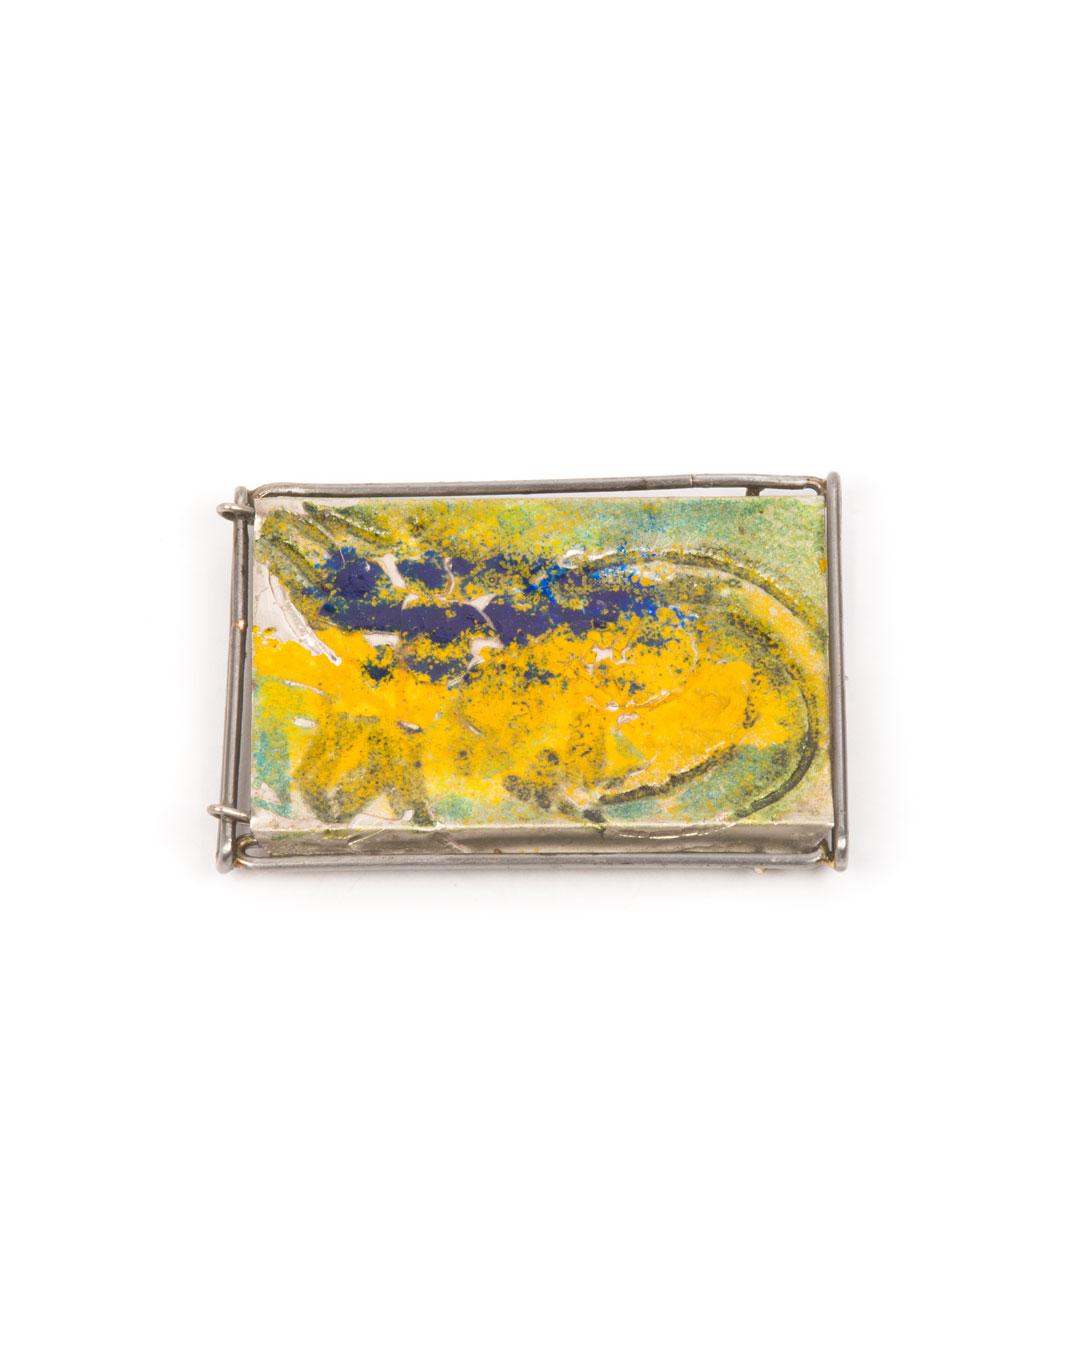 Rudolf Kocéa, Ram Skull I, 2019, brooch; platinum (950), iron, enamel, 82 x 60 x 10 mm, €4200